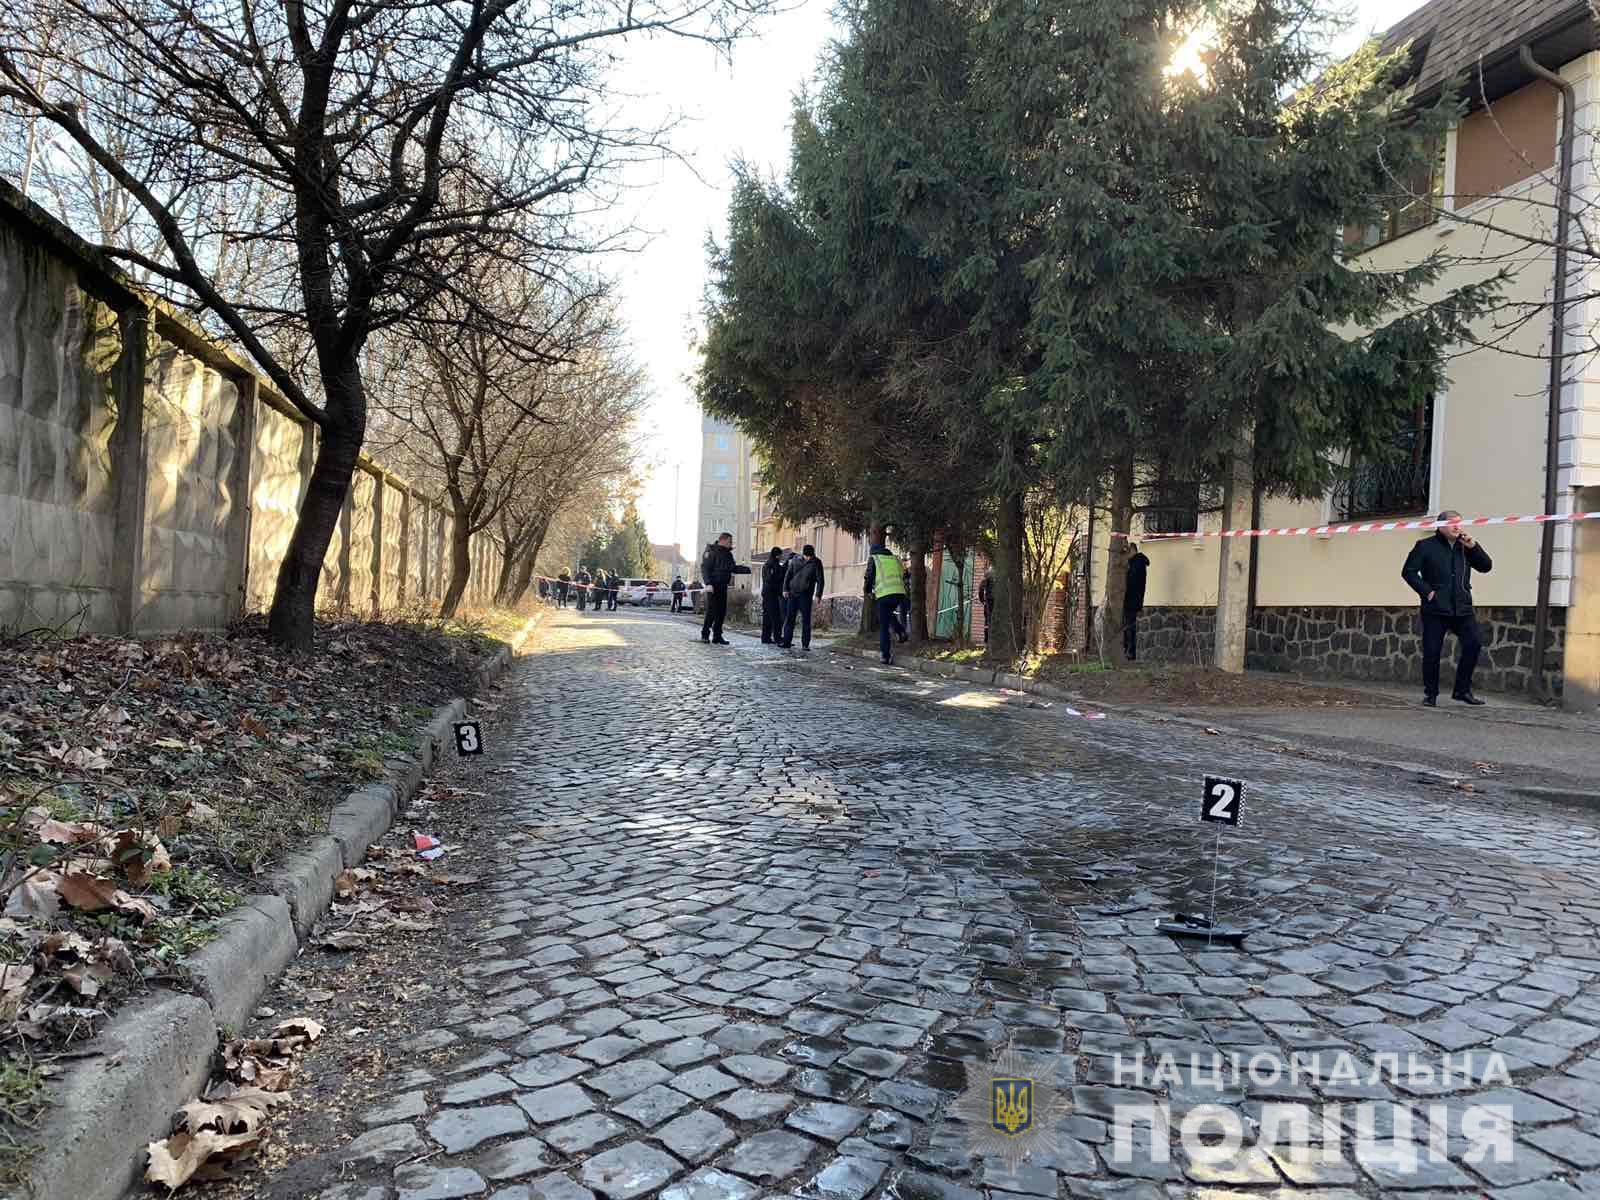 Закарпатські депутати звернулися до президента й міністра МВС через стрілянину в Мукачеві, а керівництво міської поліції відсторонено